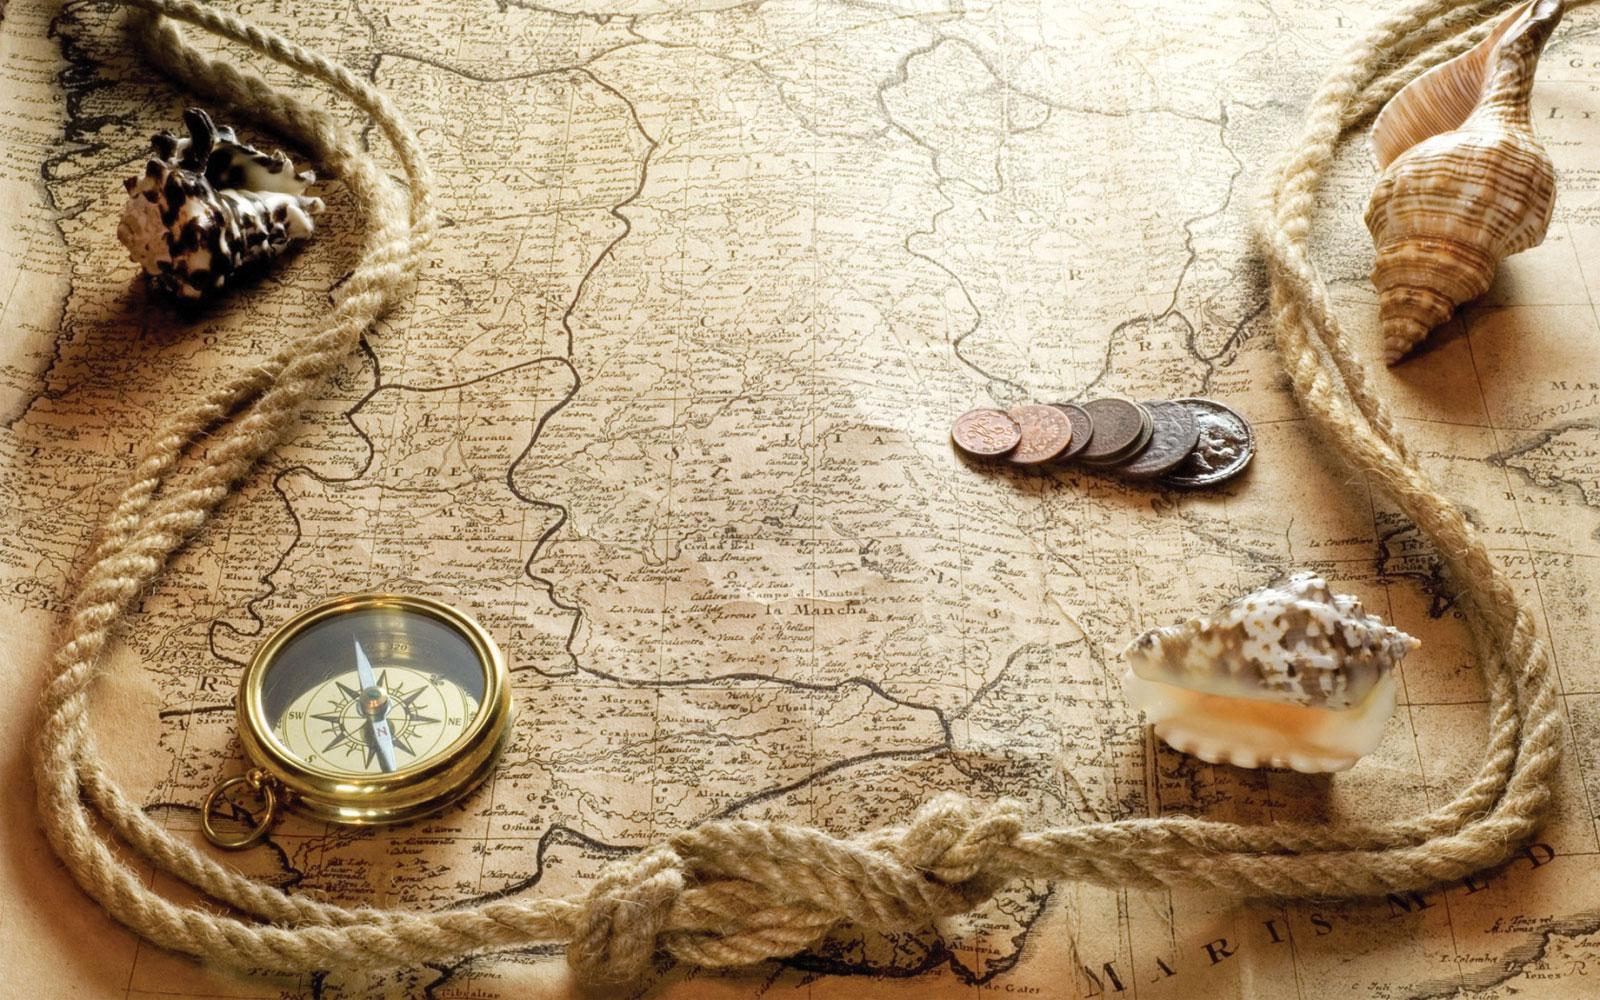 Карта и компас  № 2941986 без смс